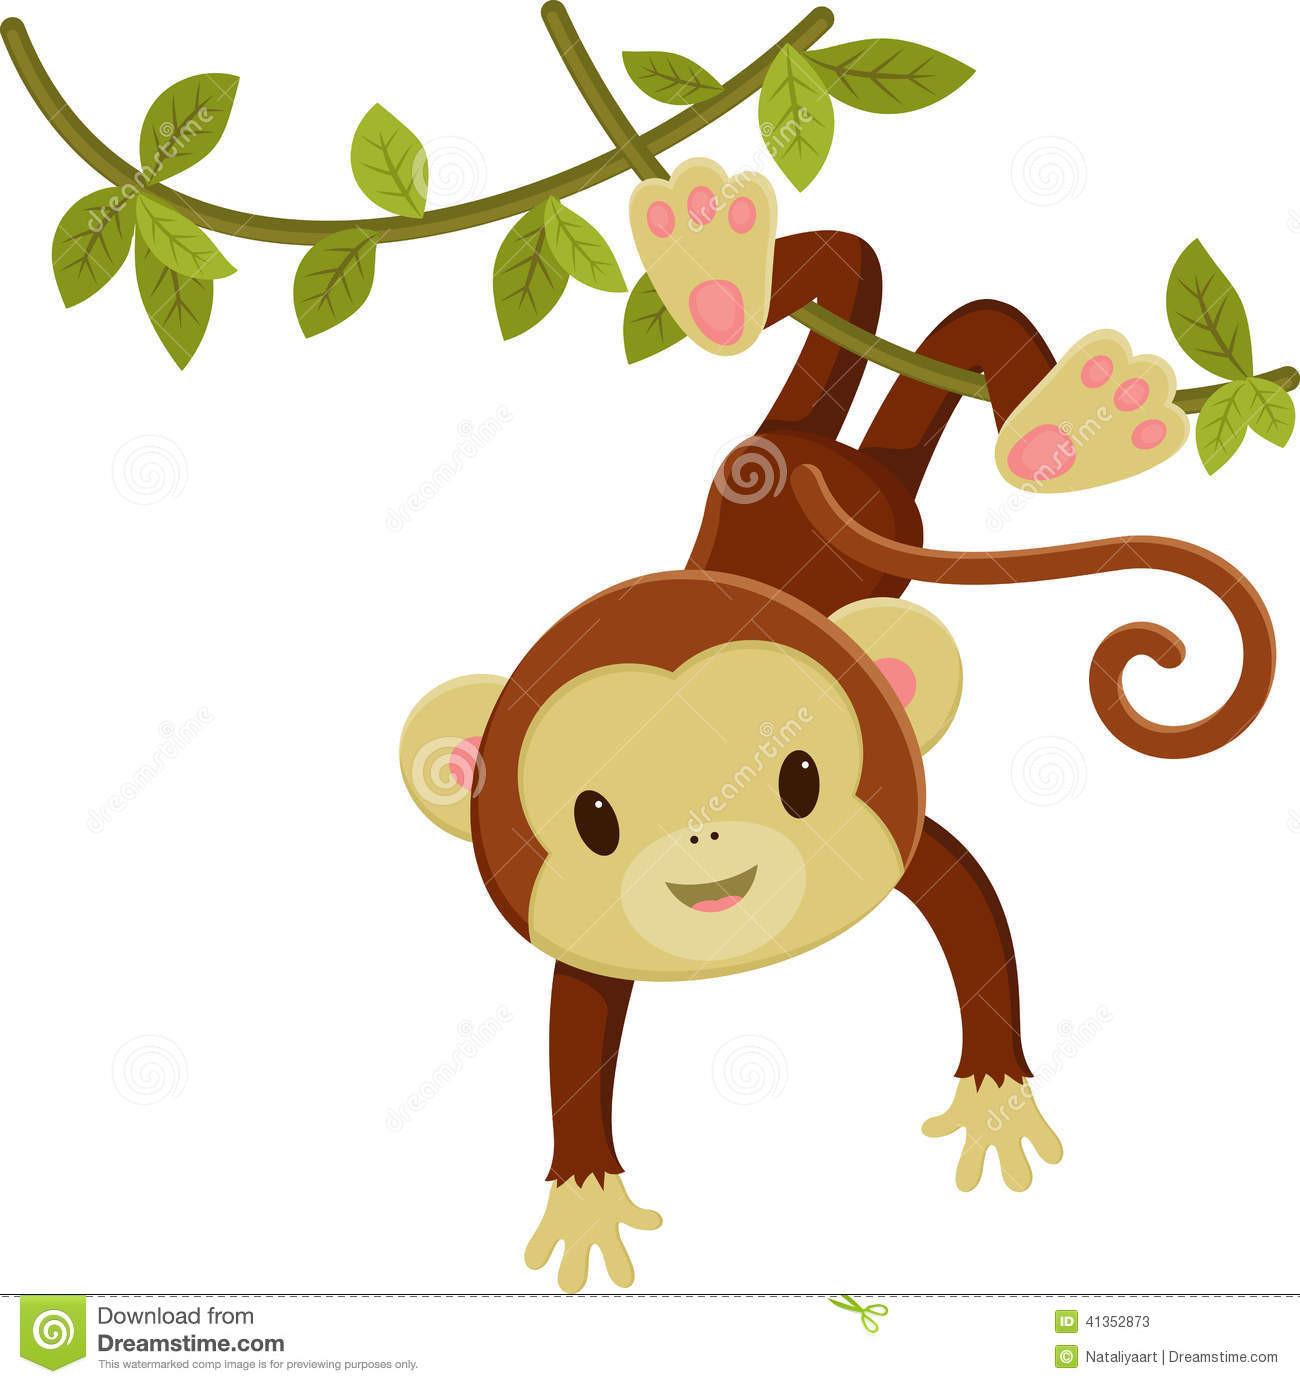 1300x1384 Cartoon Monkey Clip Art 598586 Jpg 1 300 384 Pixels Lively Cute